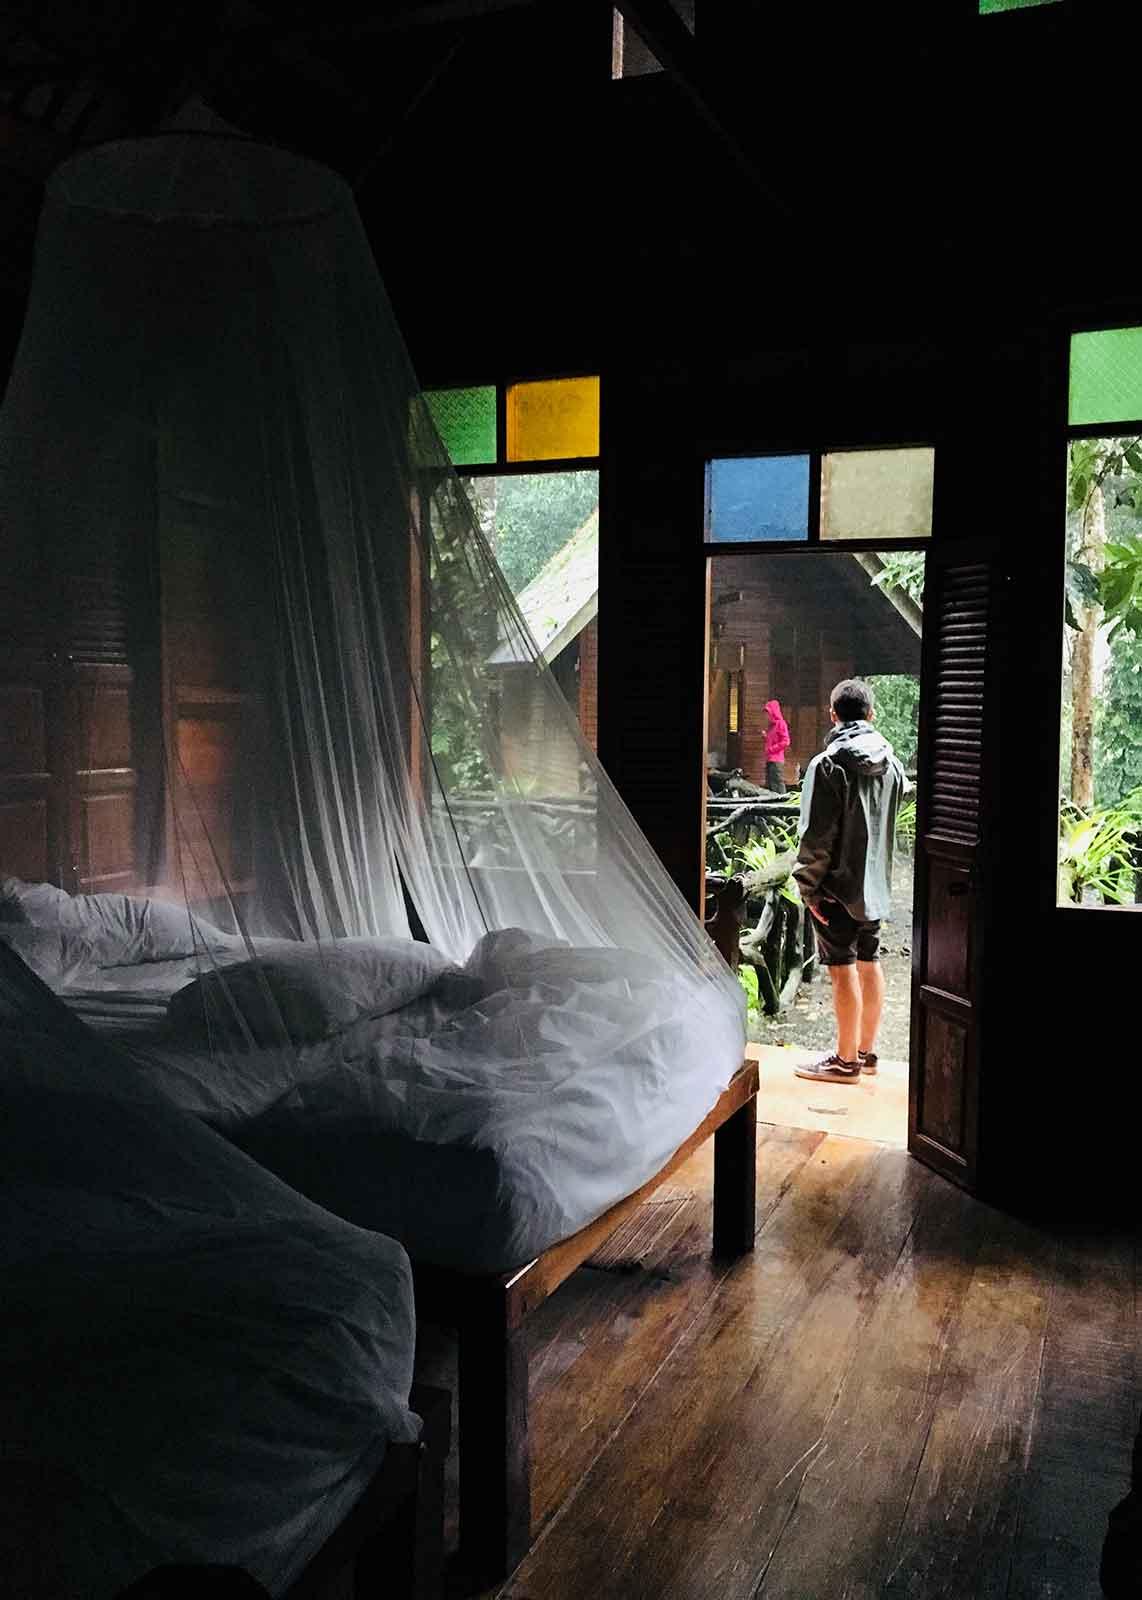 Alojamientos durante el trekking en Tailandia - Autor Cesc Casanovas